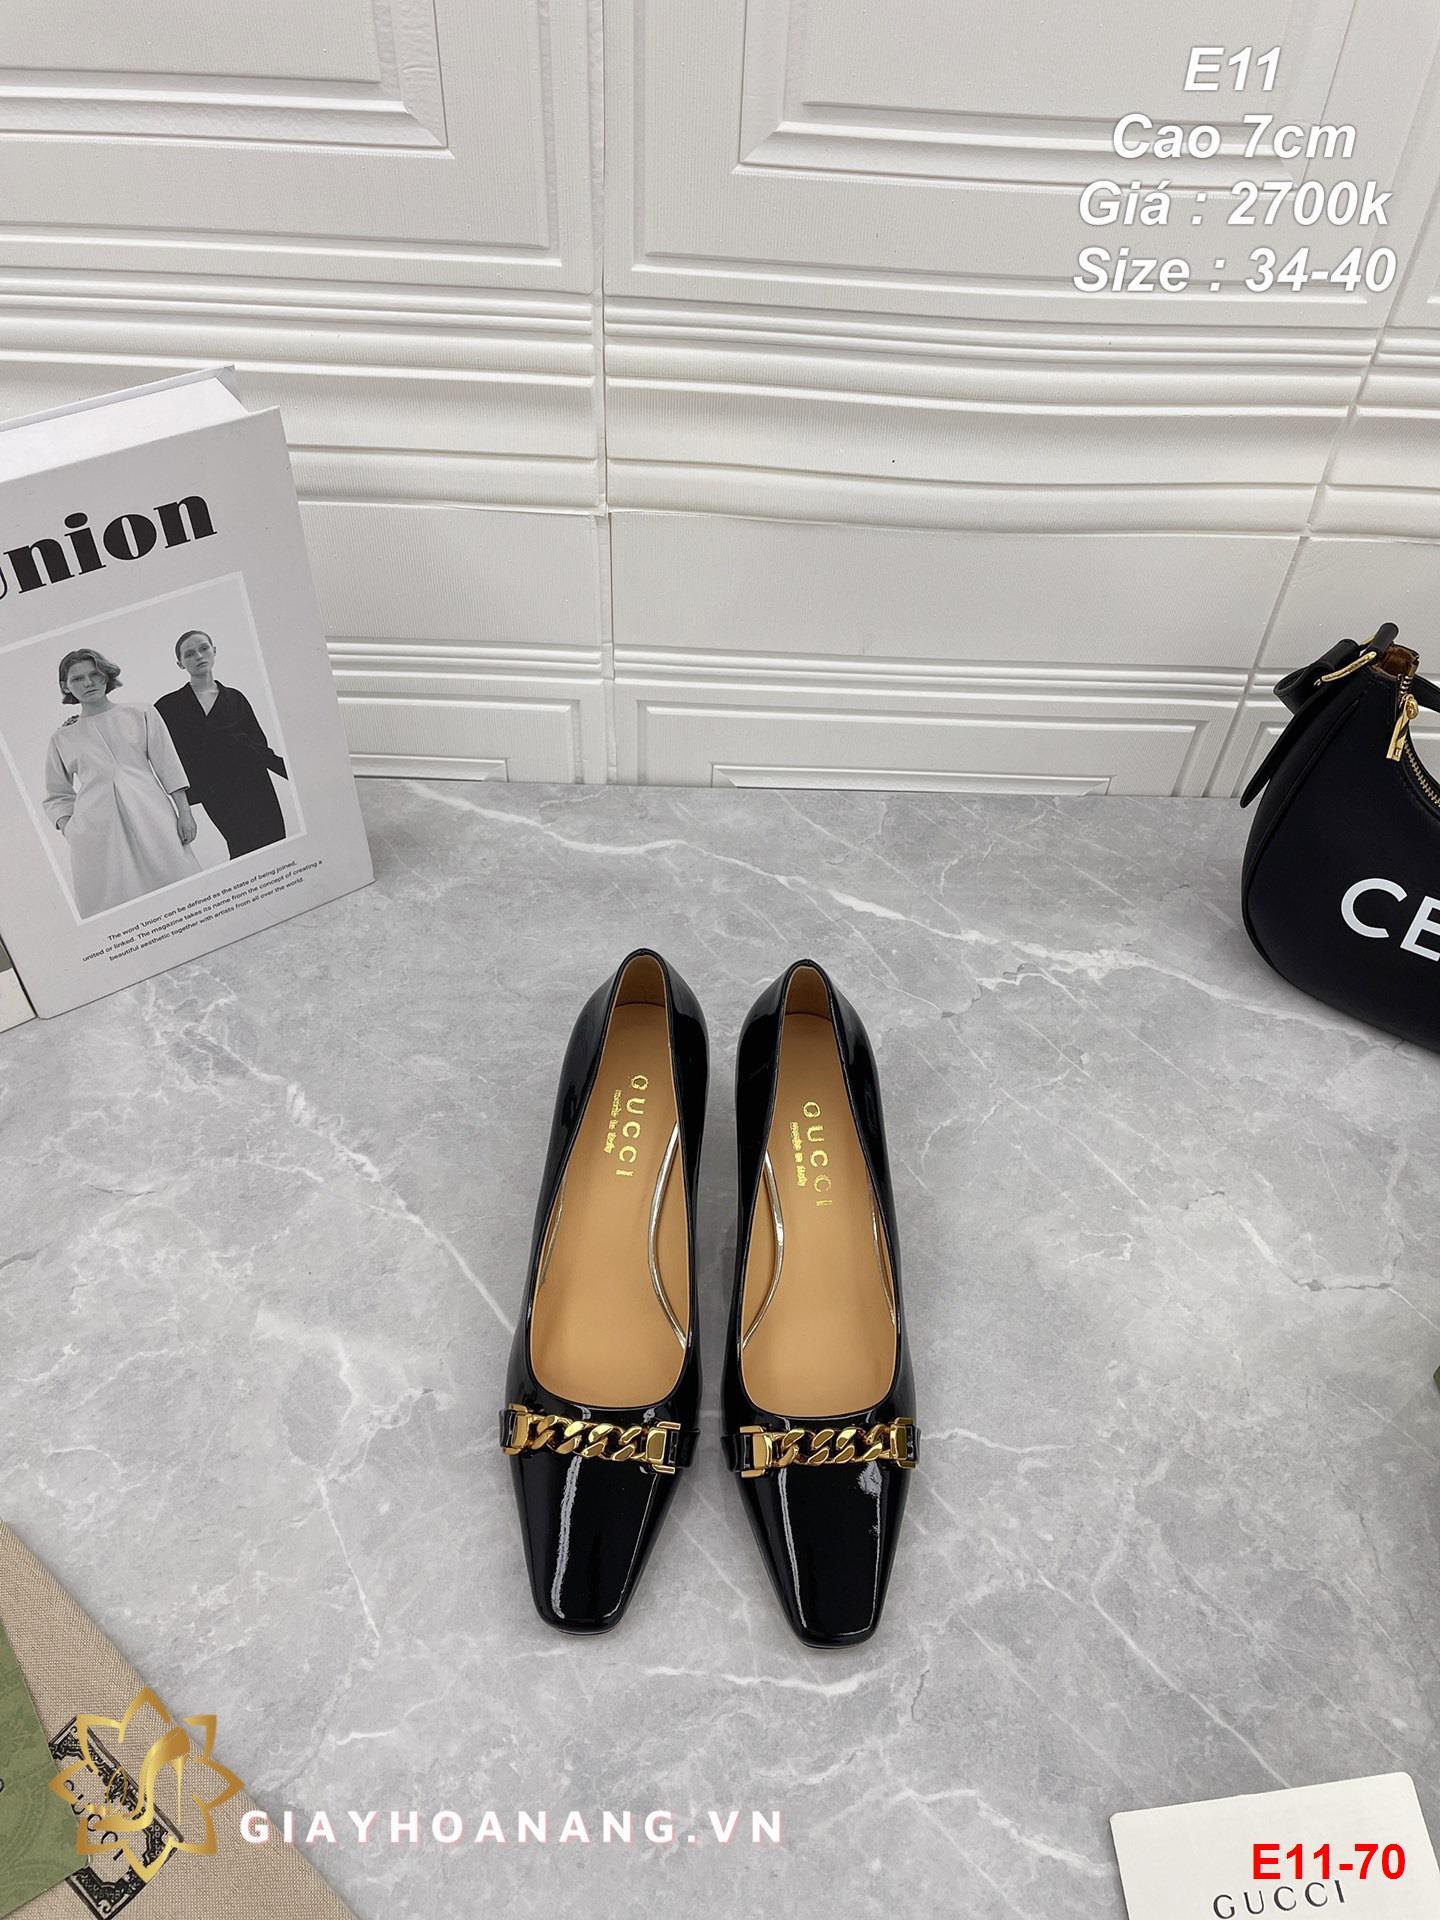 E11-70 Gucci giày cao 7cm siêu cấp